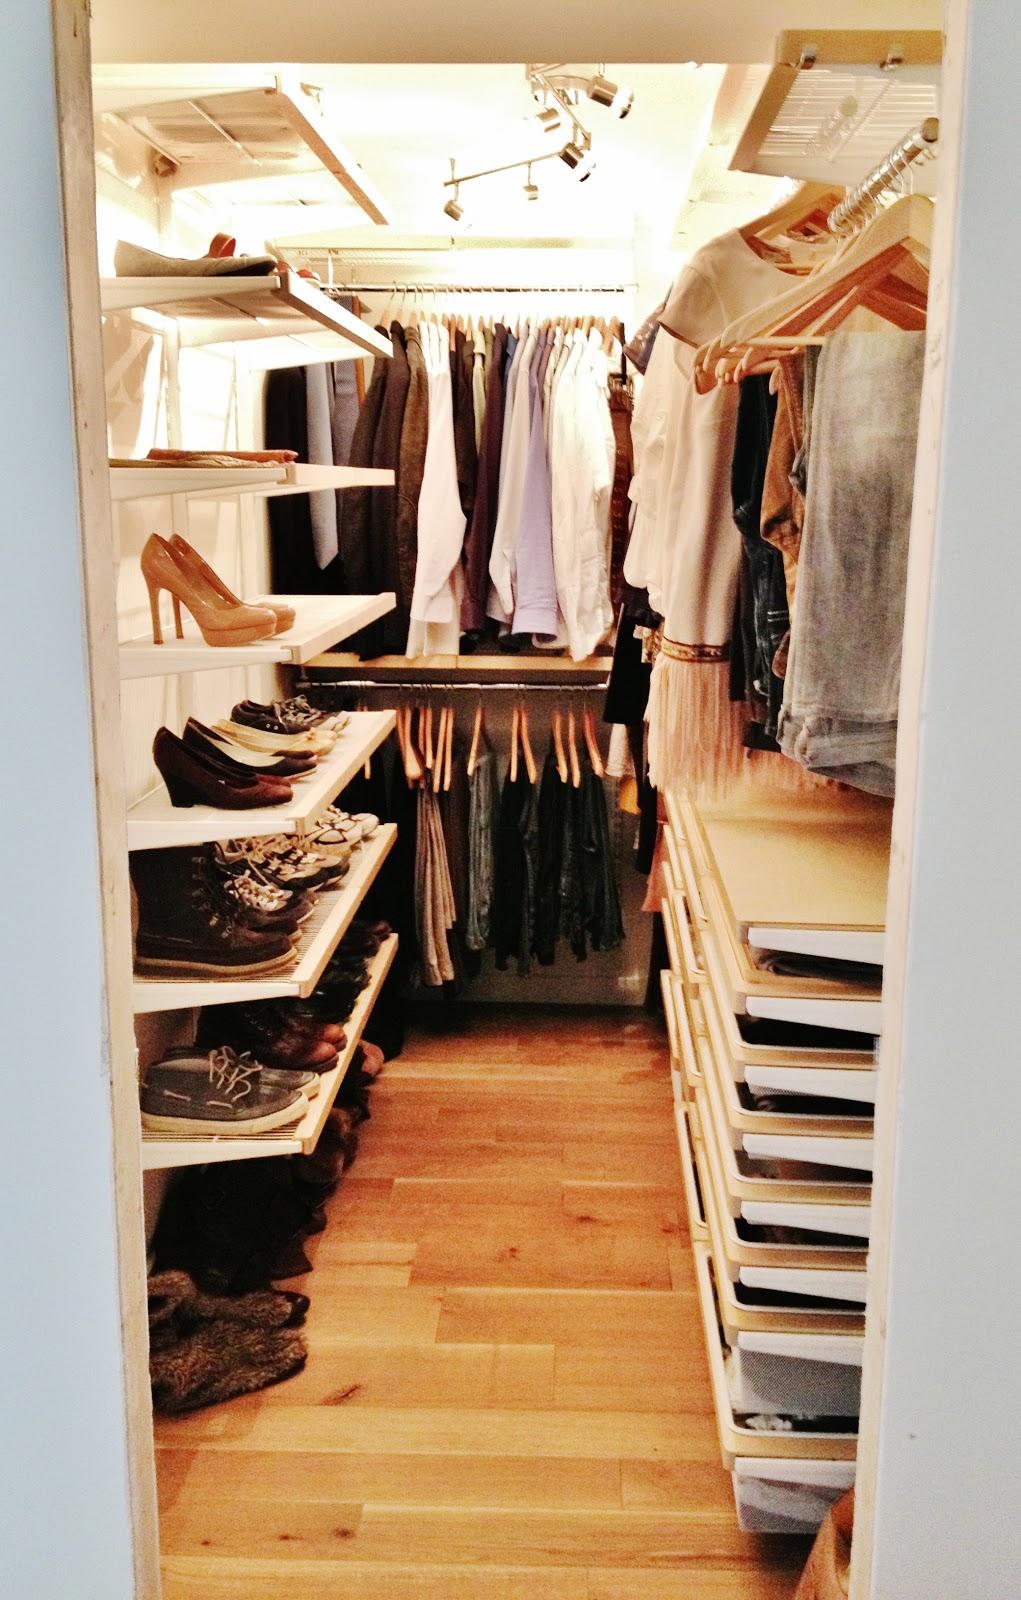 Our New Closet & My Closet Makeover Tips